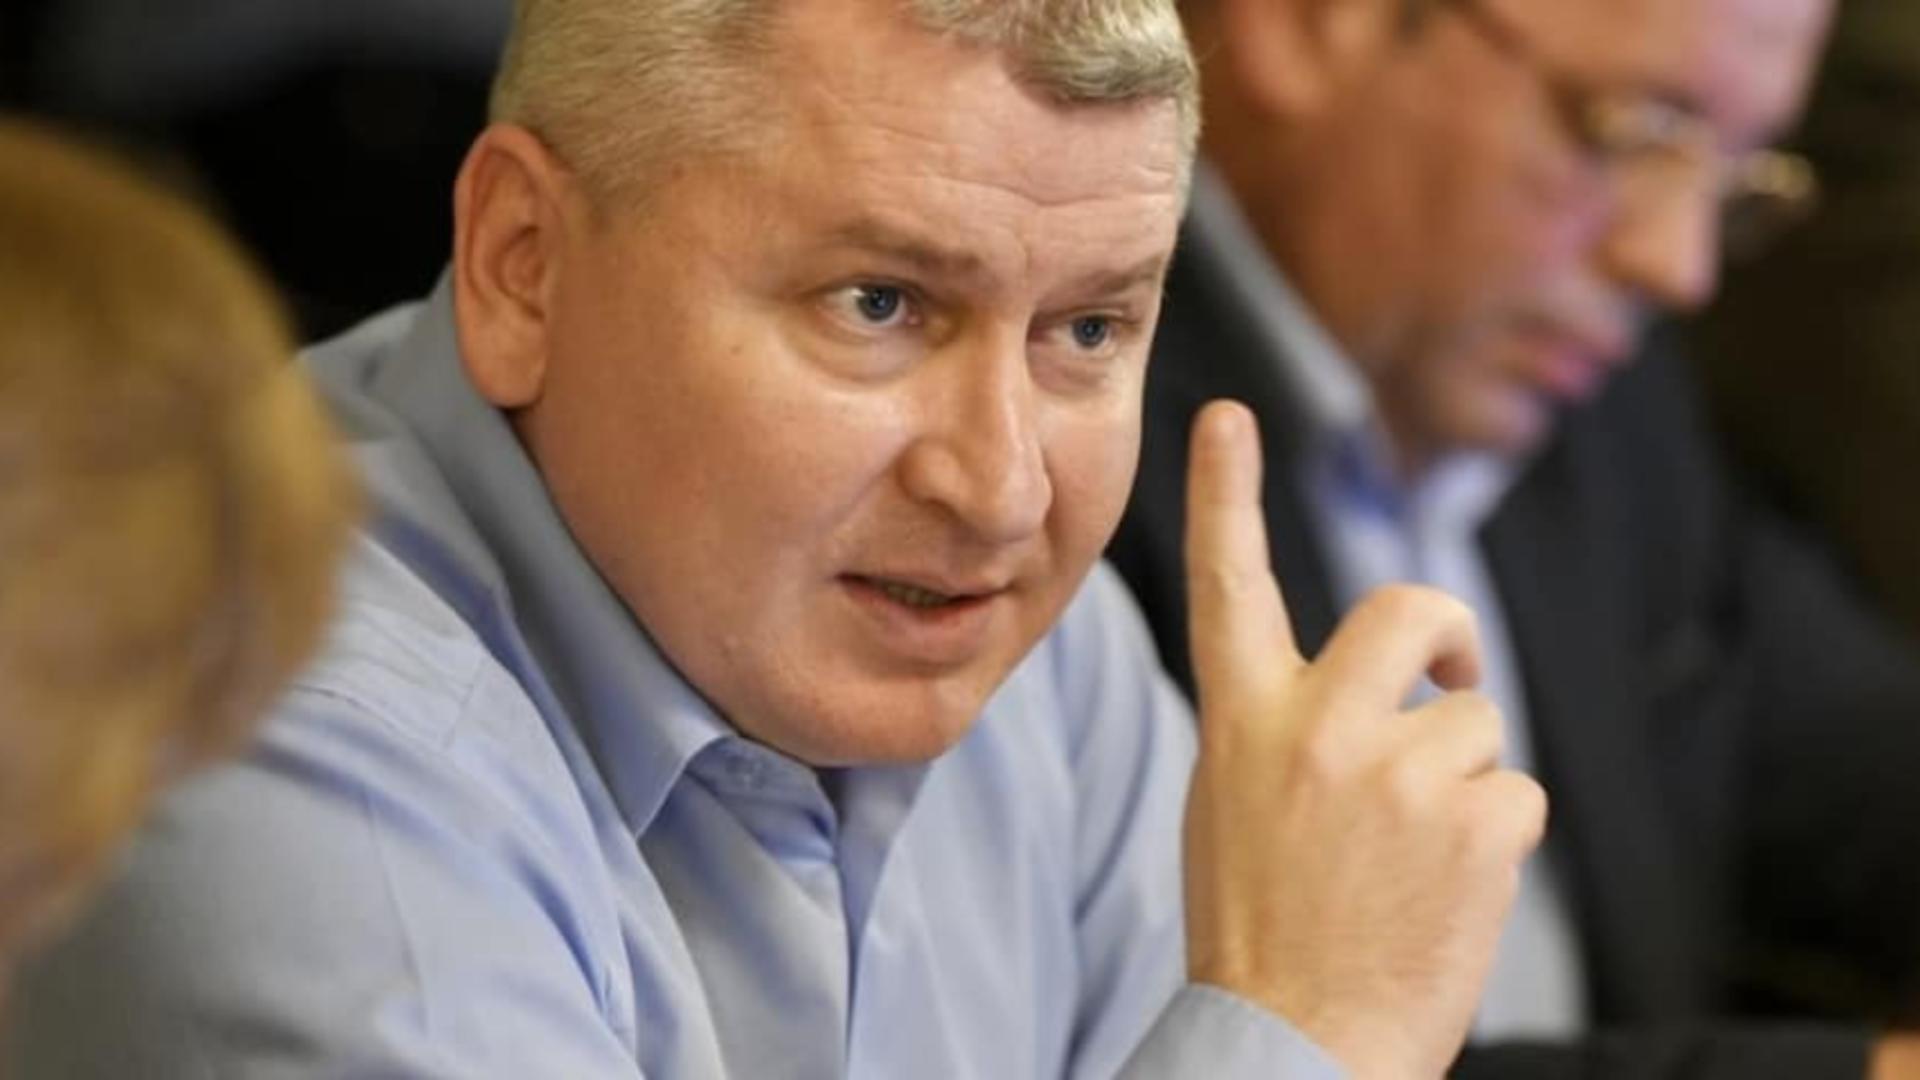 Florin Roman, ascensiunea fulminantă a unui politician. Foto/Inquam